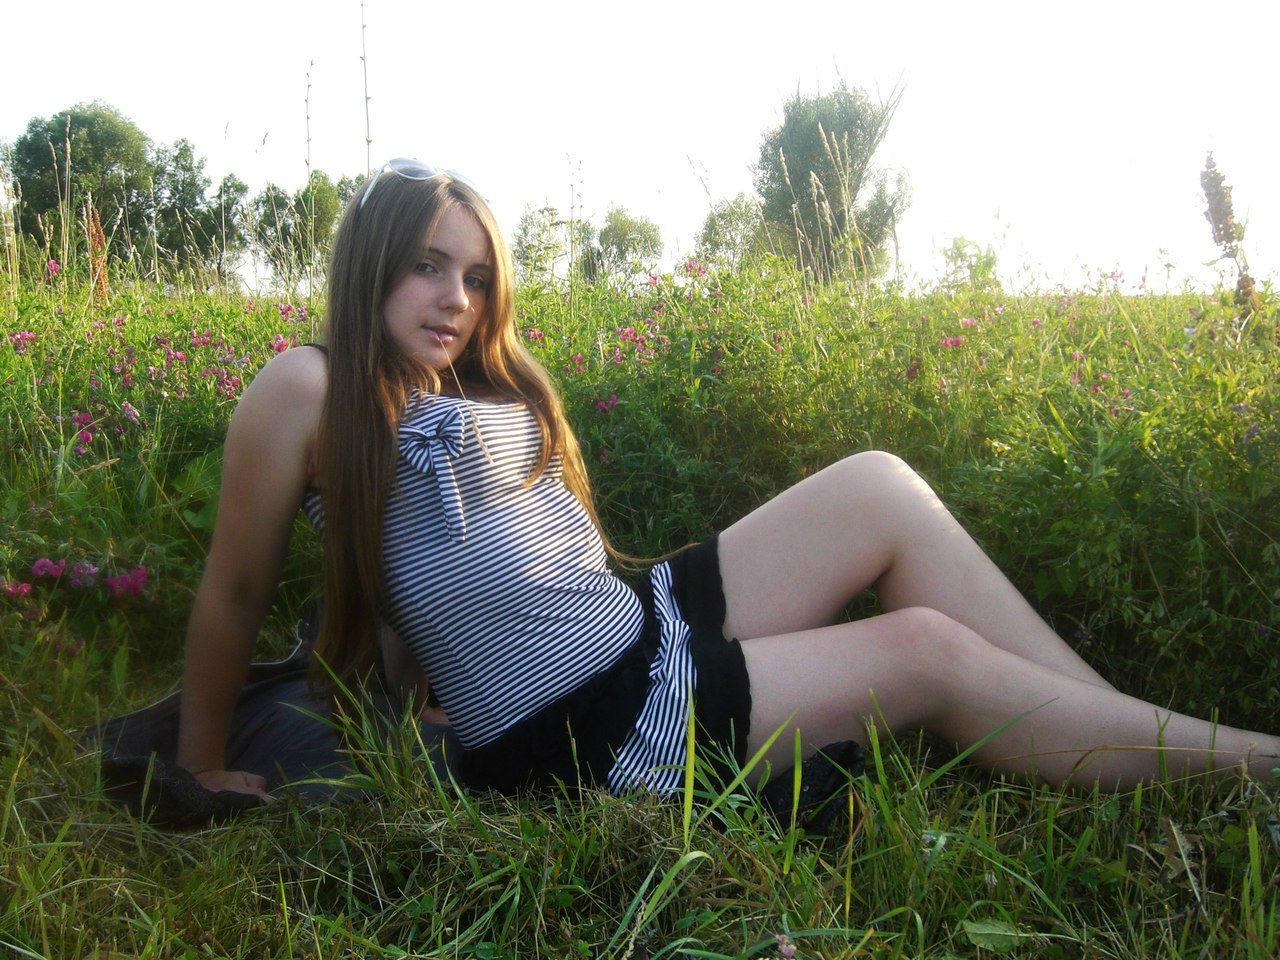 Девчонка  в полосатом платье среди цветов